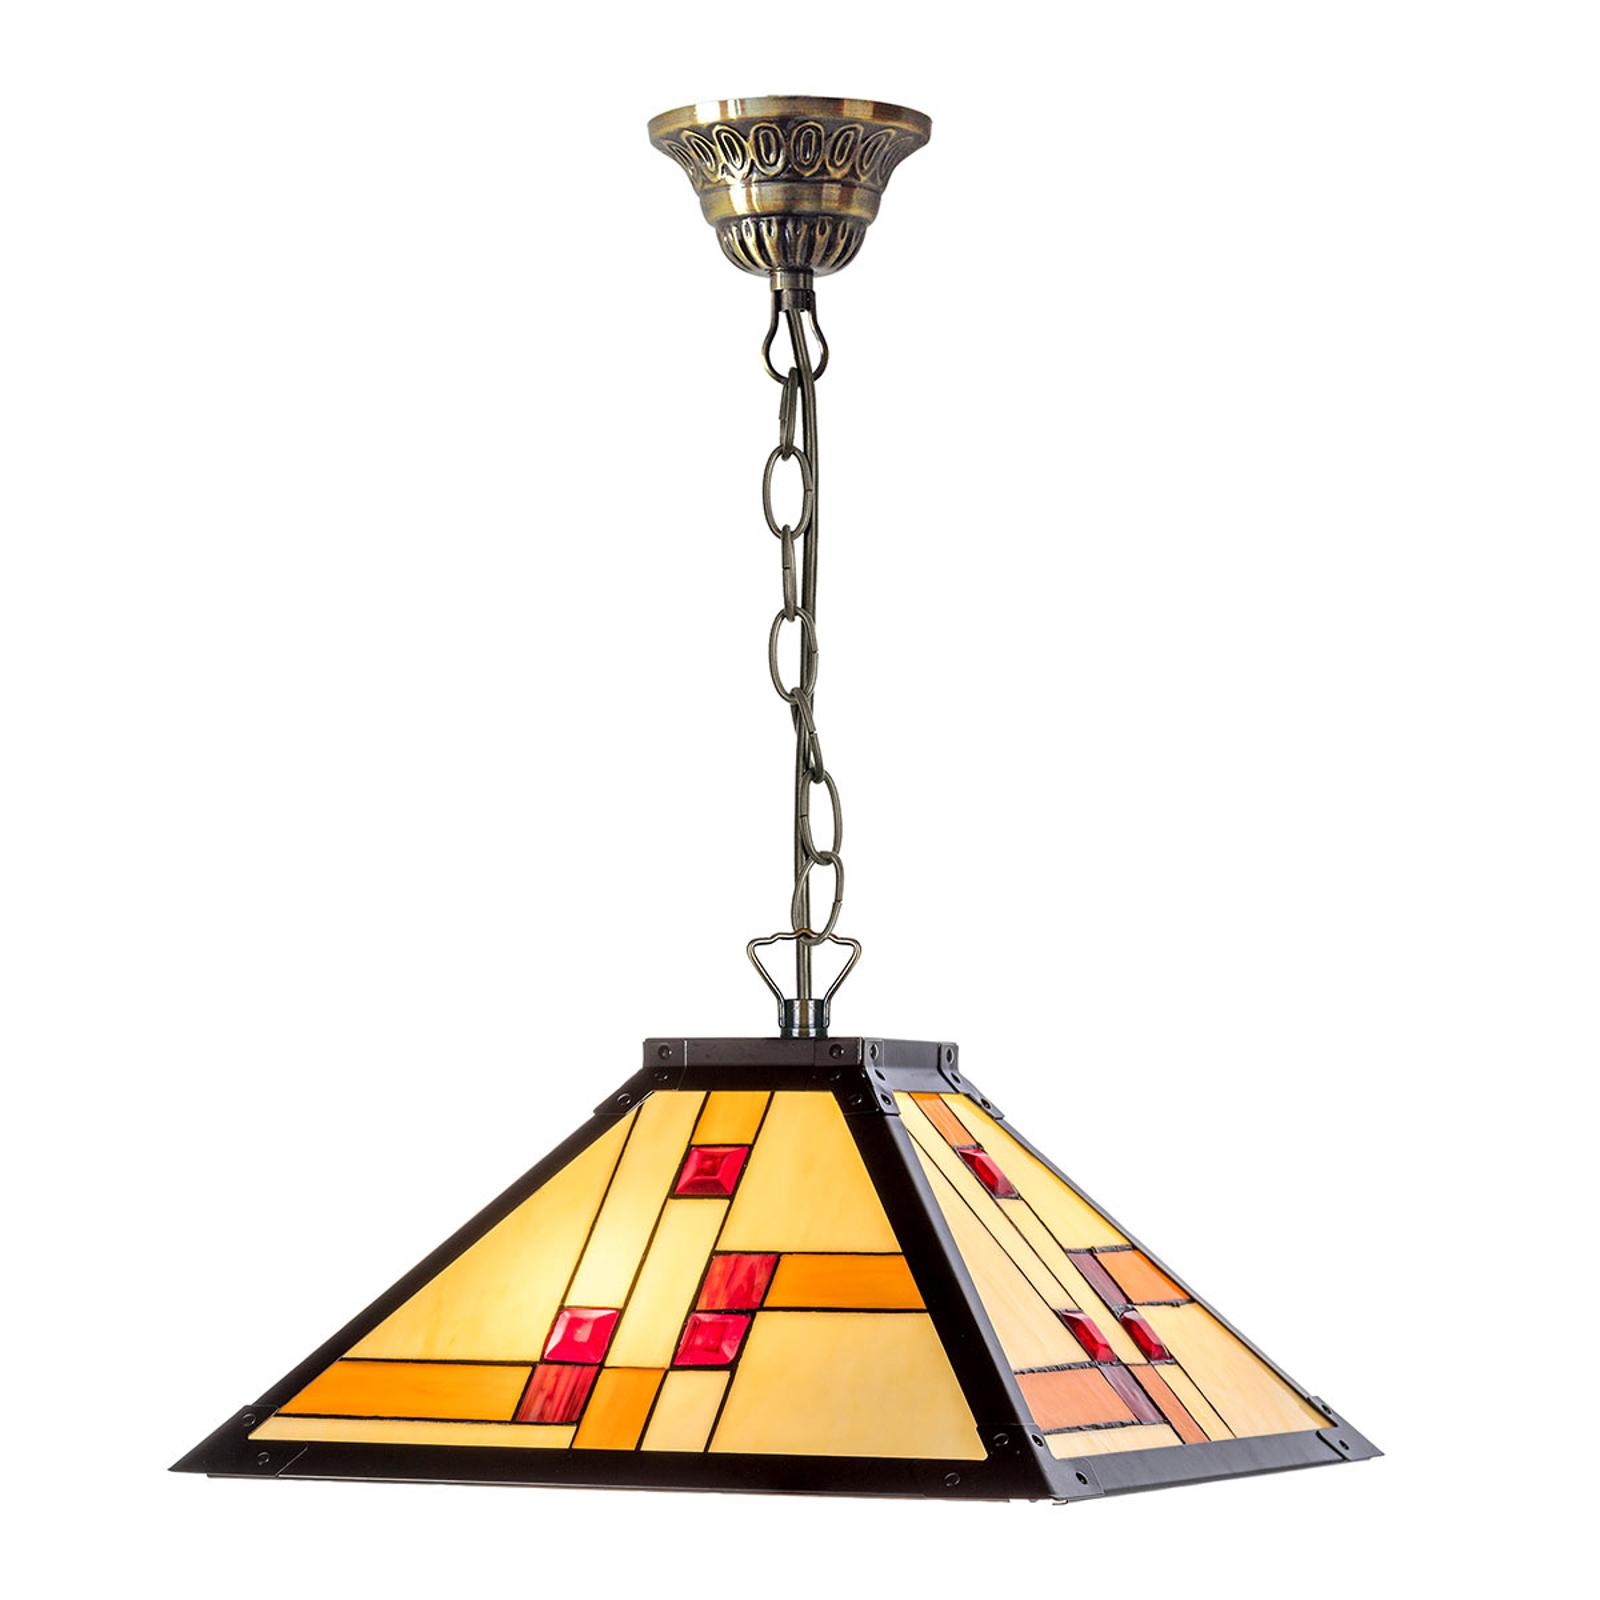 Lampa wisząca KT1836-40+C2 w stylu Tiffany